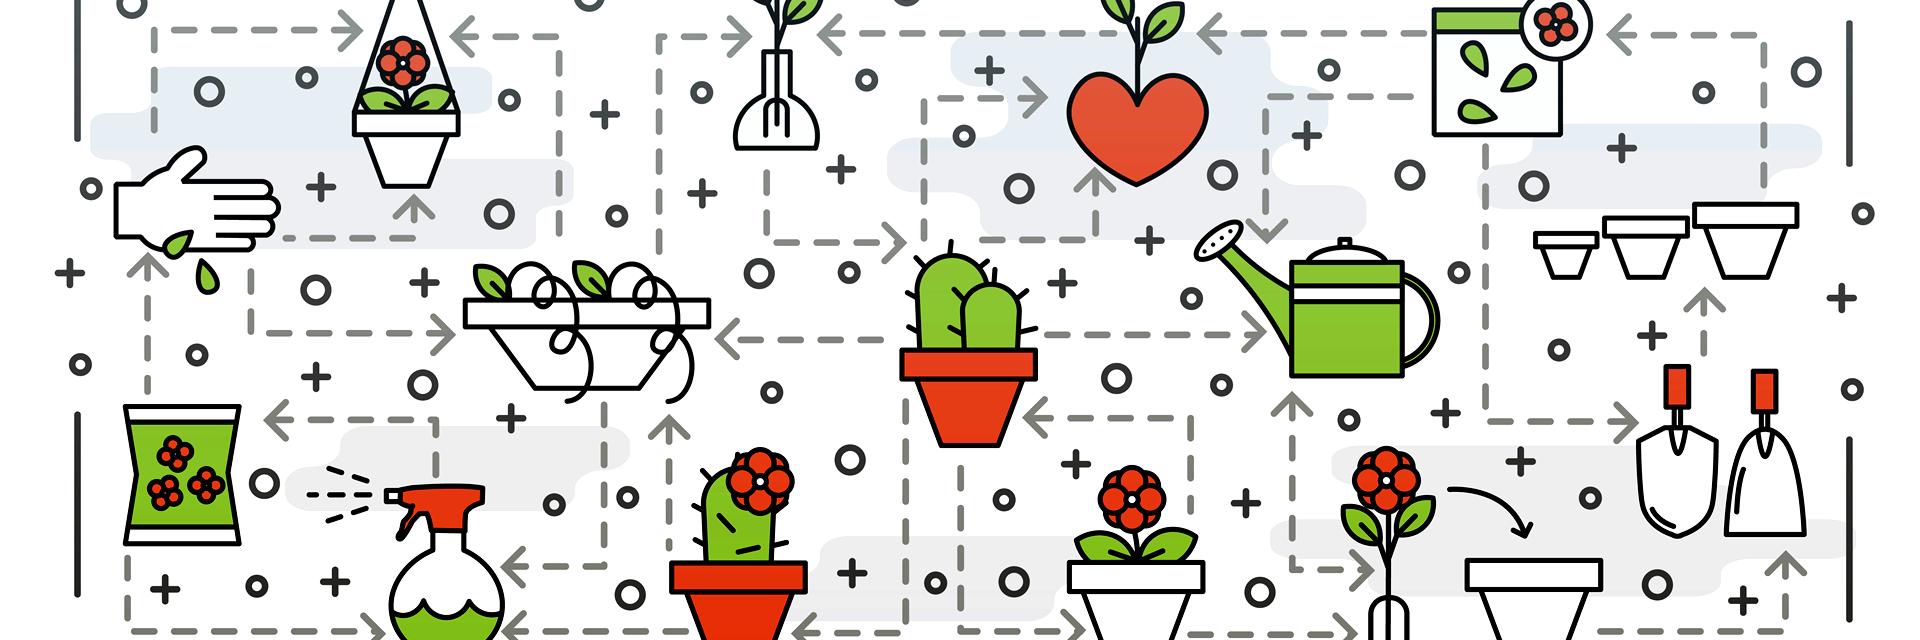 blog-post-plantas-jardim-pequeno